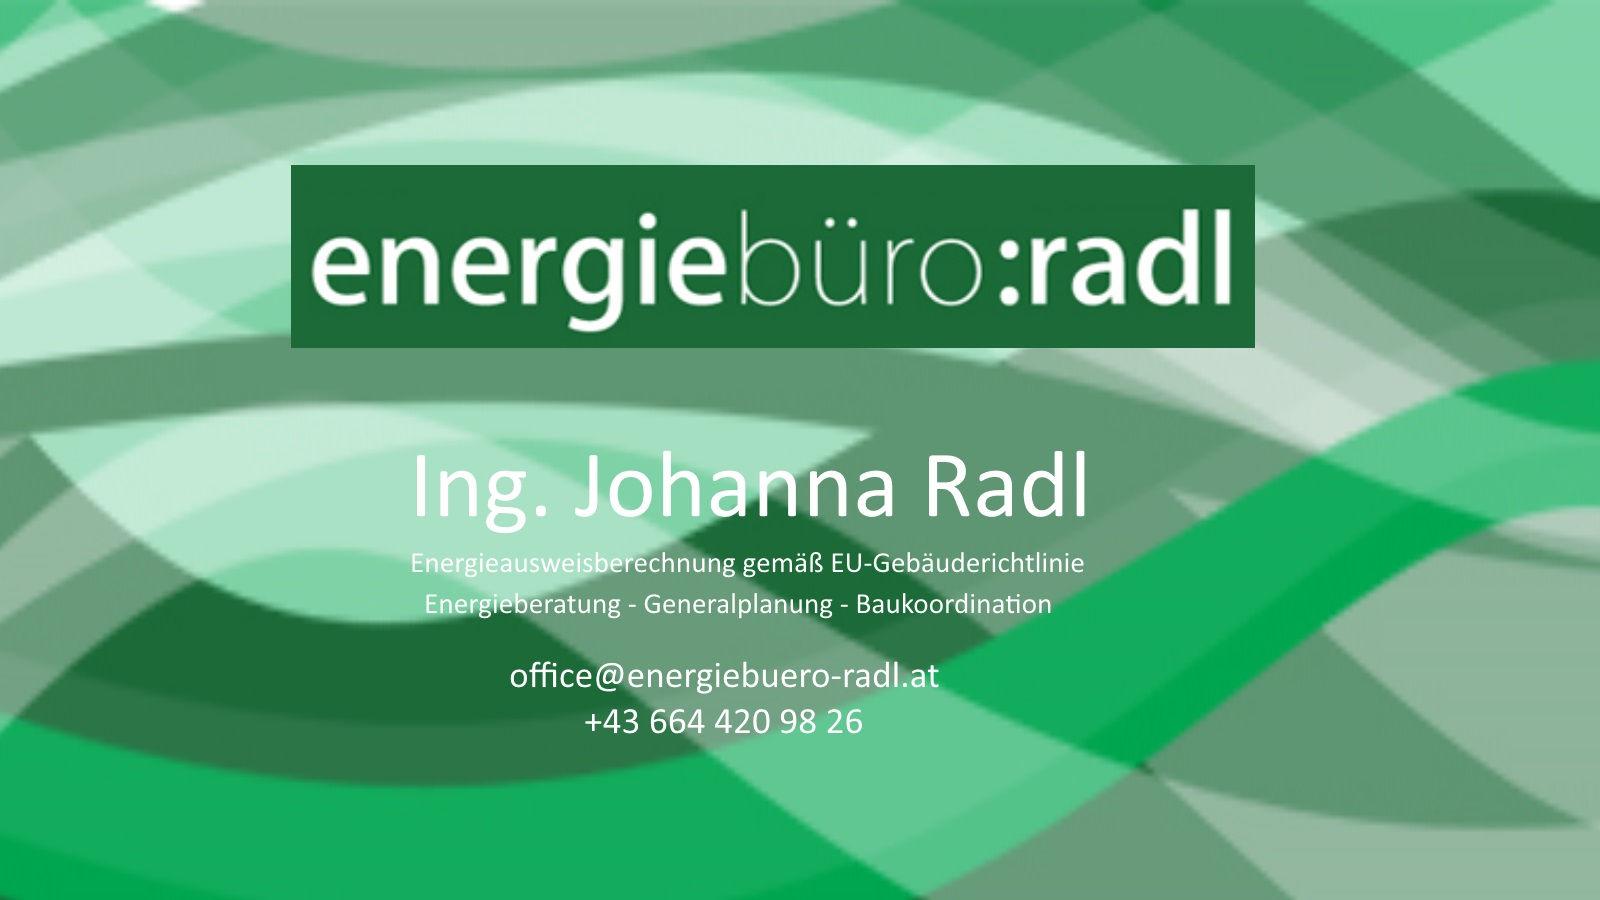 energiebuero-radl